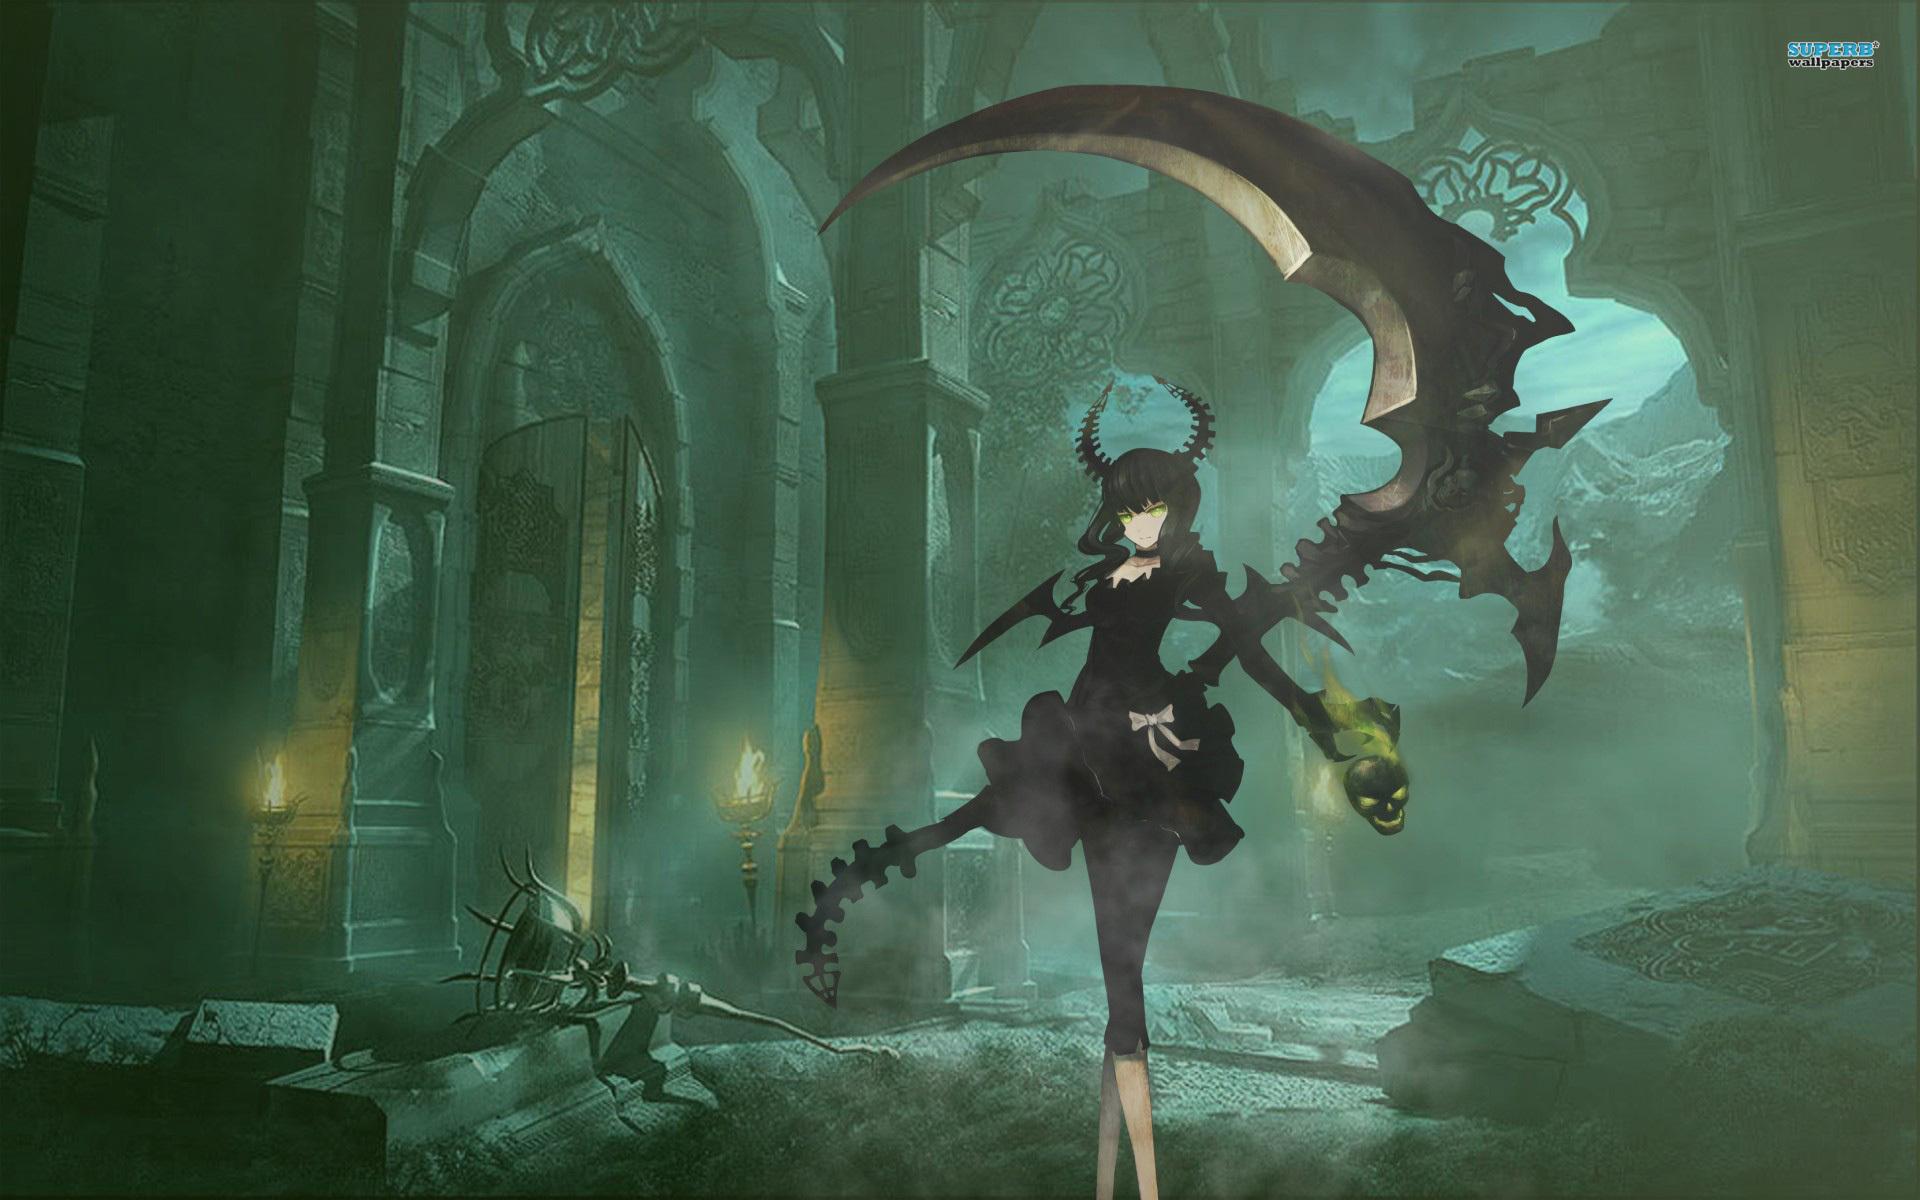 Dead master 1545172 zerochan - Anime scythe wallpaper ...